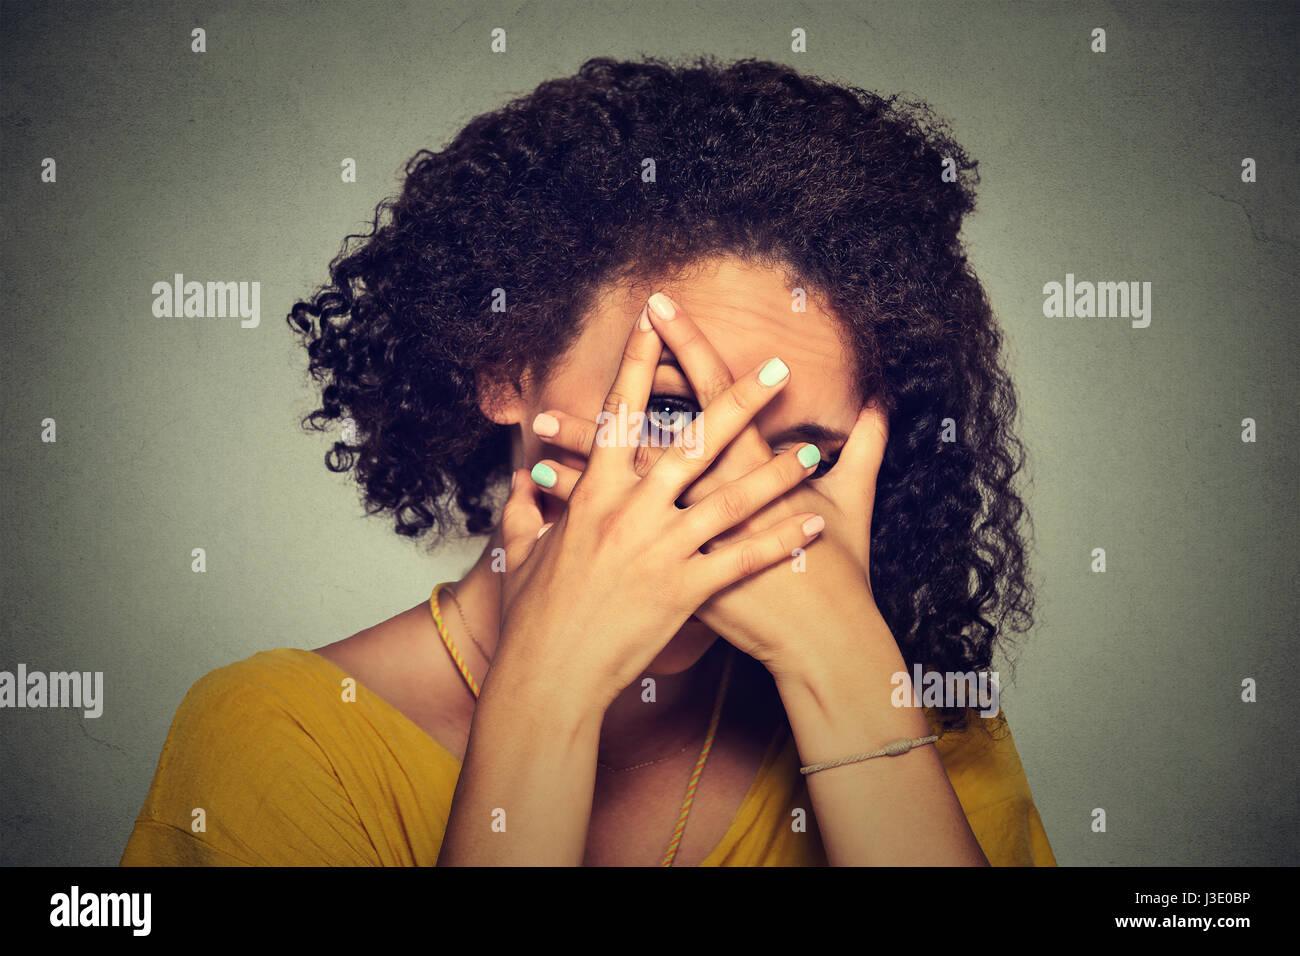 Closeup tímida mujer ocultando cara tímida. Lindo joven mujer caucásica peeking aunque manos. Fondo Imagen De Stock